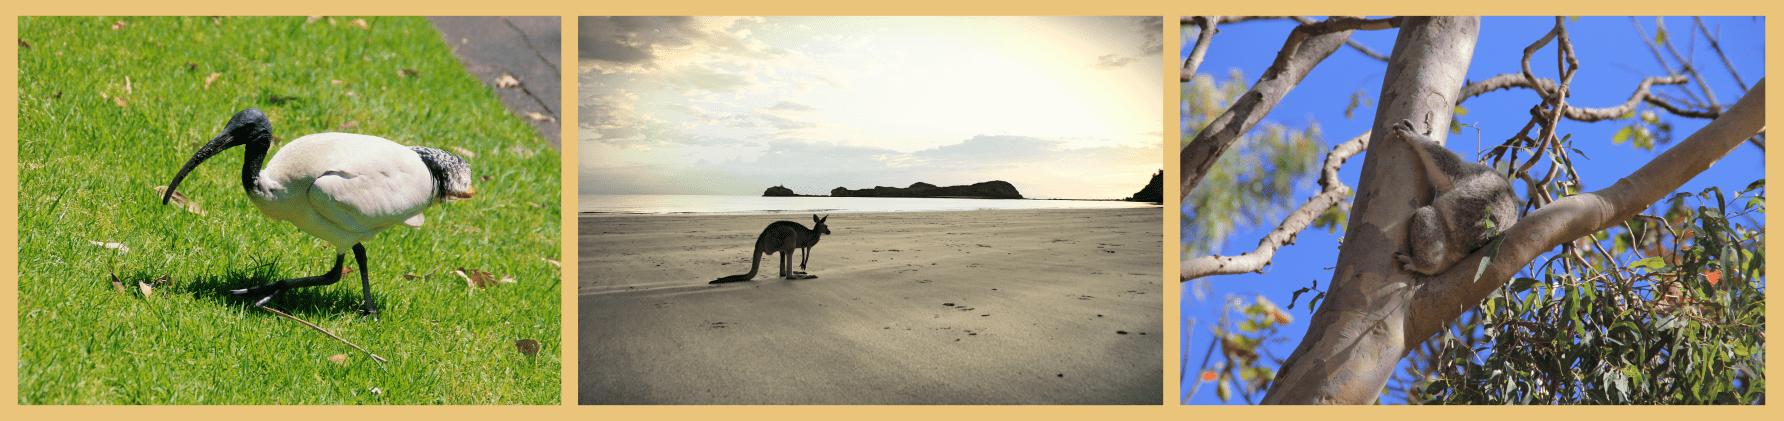 Australien Tierwelt Koala Känguru